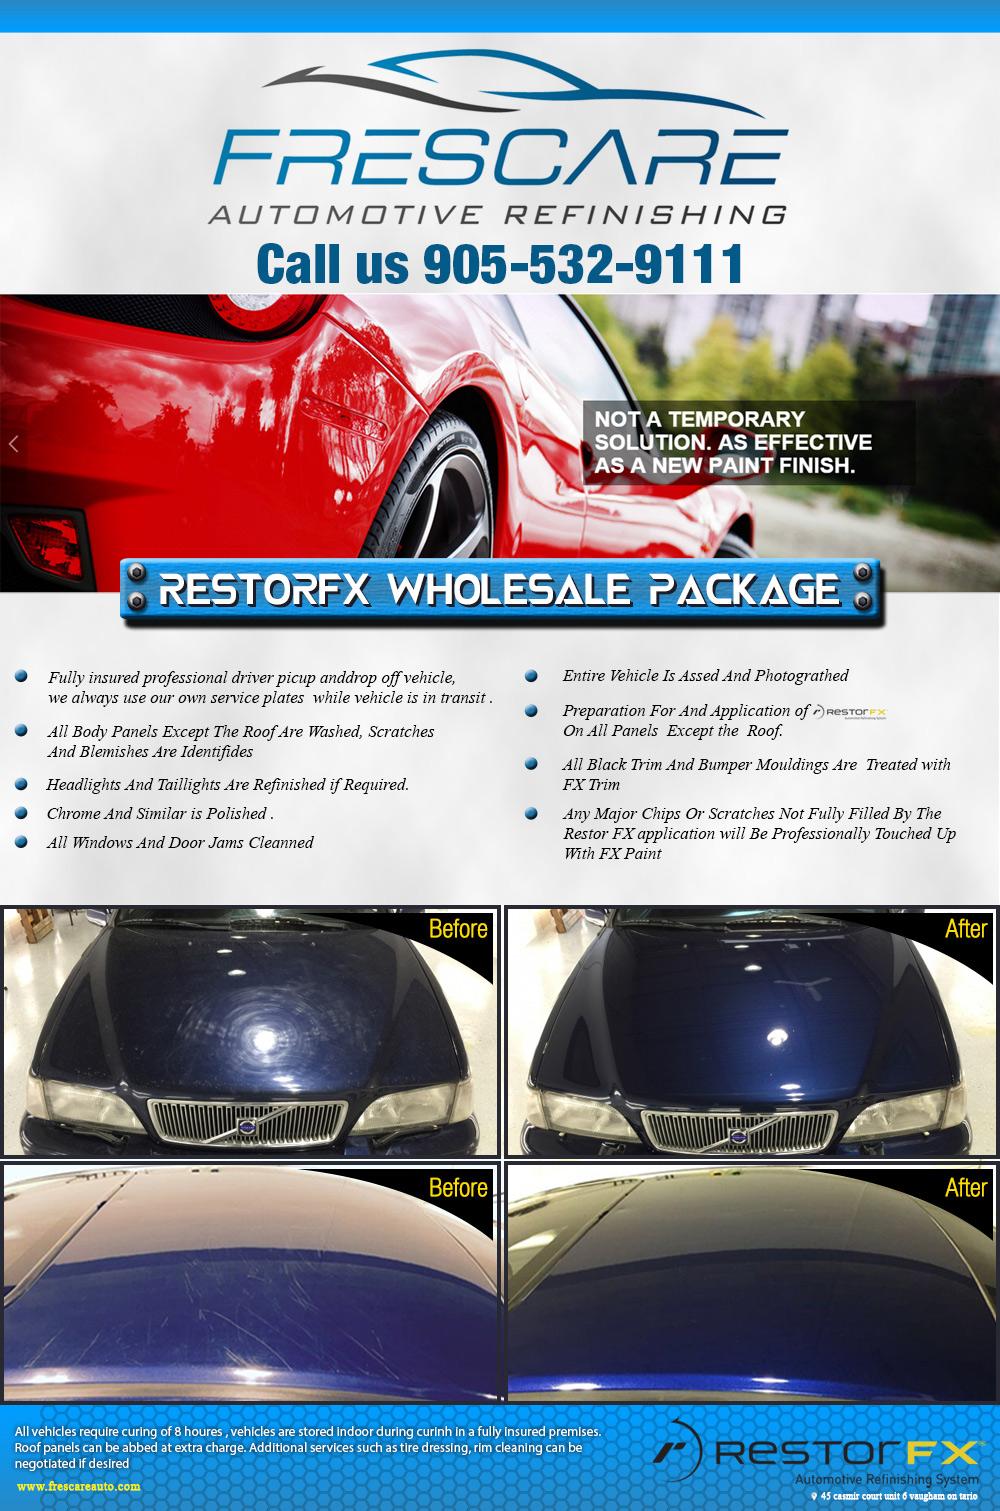 Frescare Auto Full Page Ad Print Design Logo Concepts 26